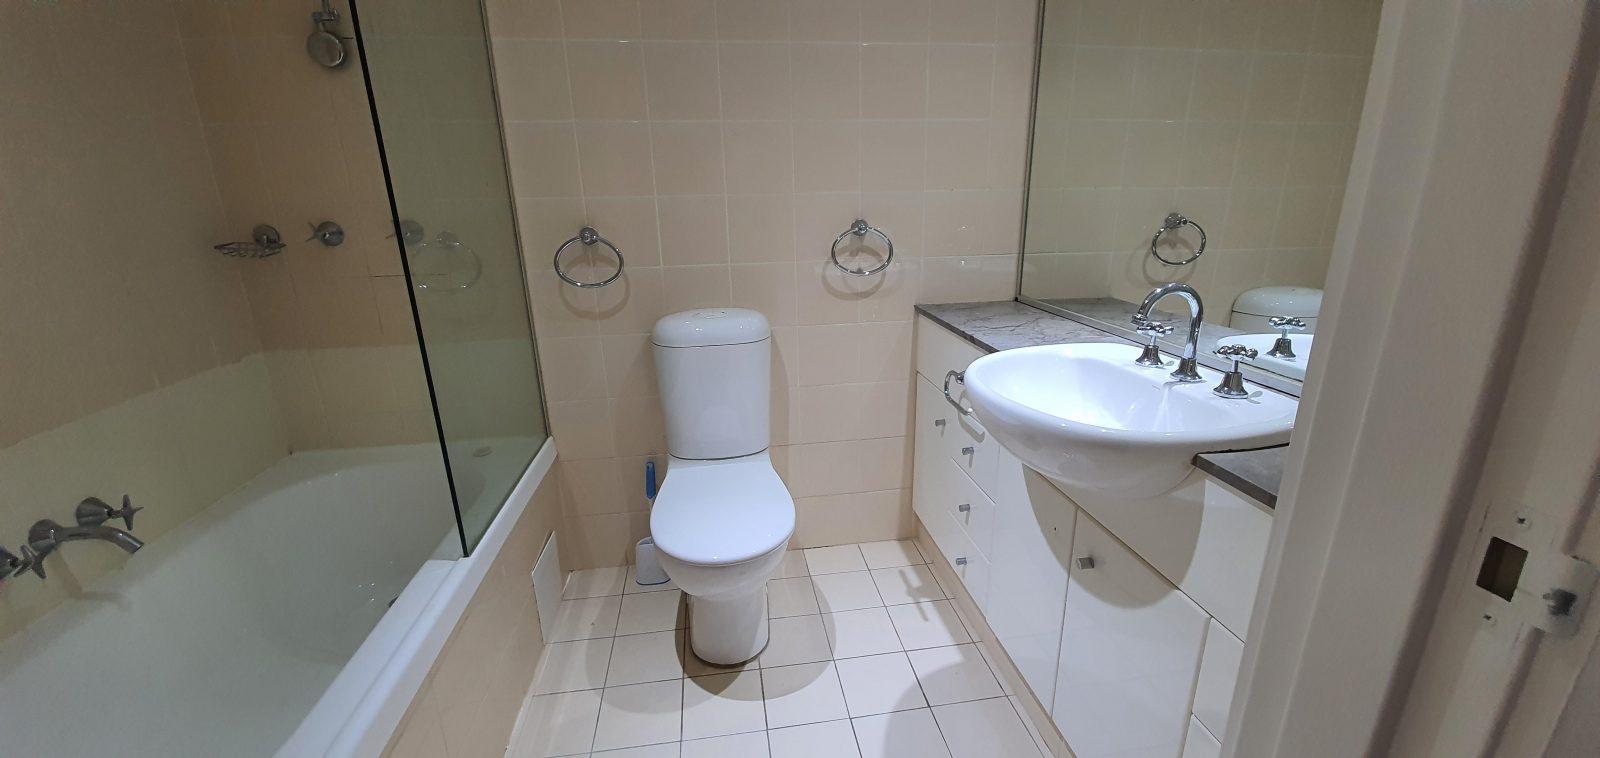 Bathroom - previous